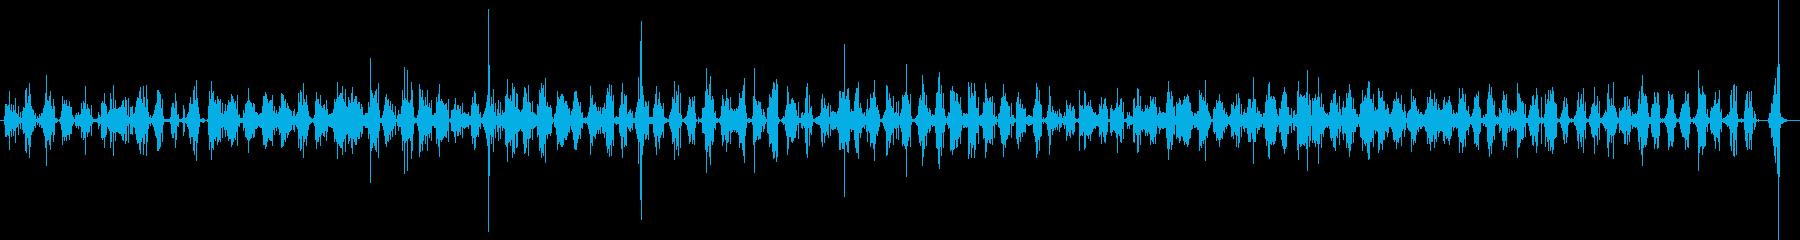 ステップ スノーウォークファースト01の再生済みの波形